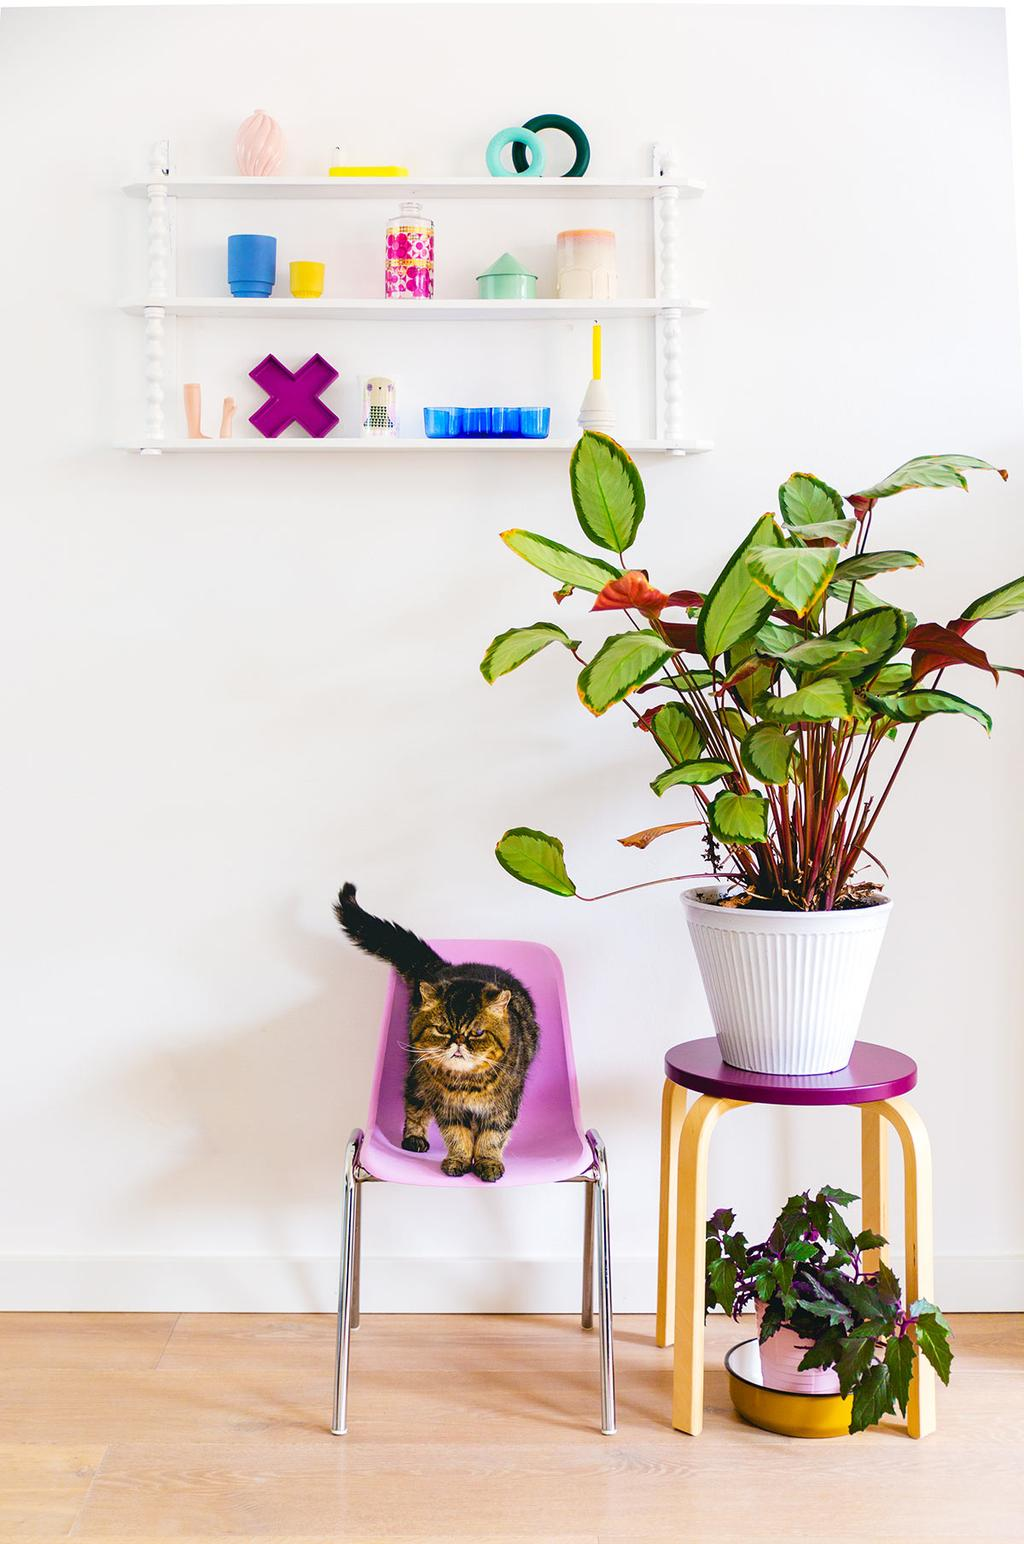 Roze kinderstoel met een kat, kruk met planten en een wandrek vol accessoires